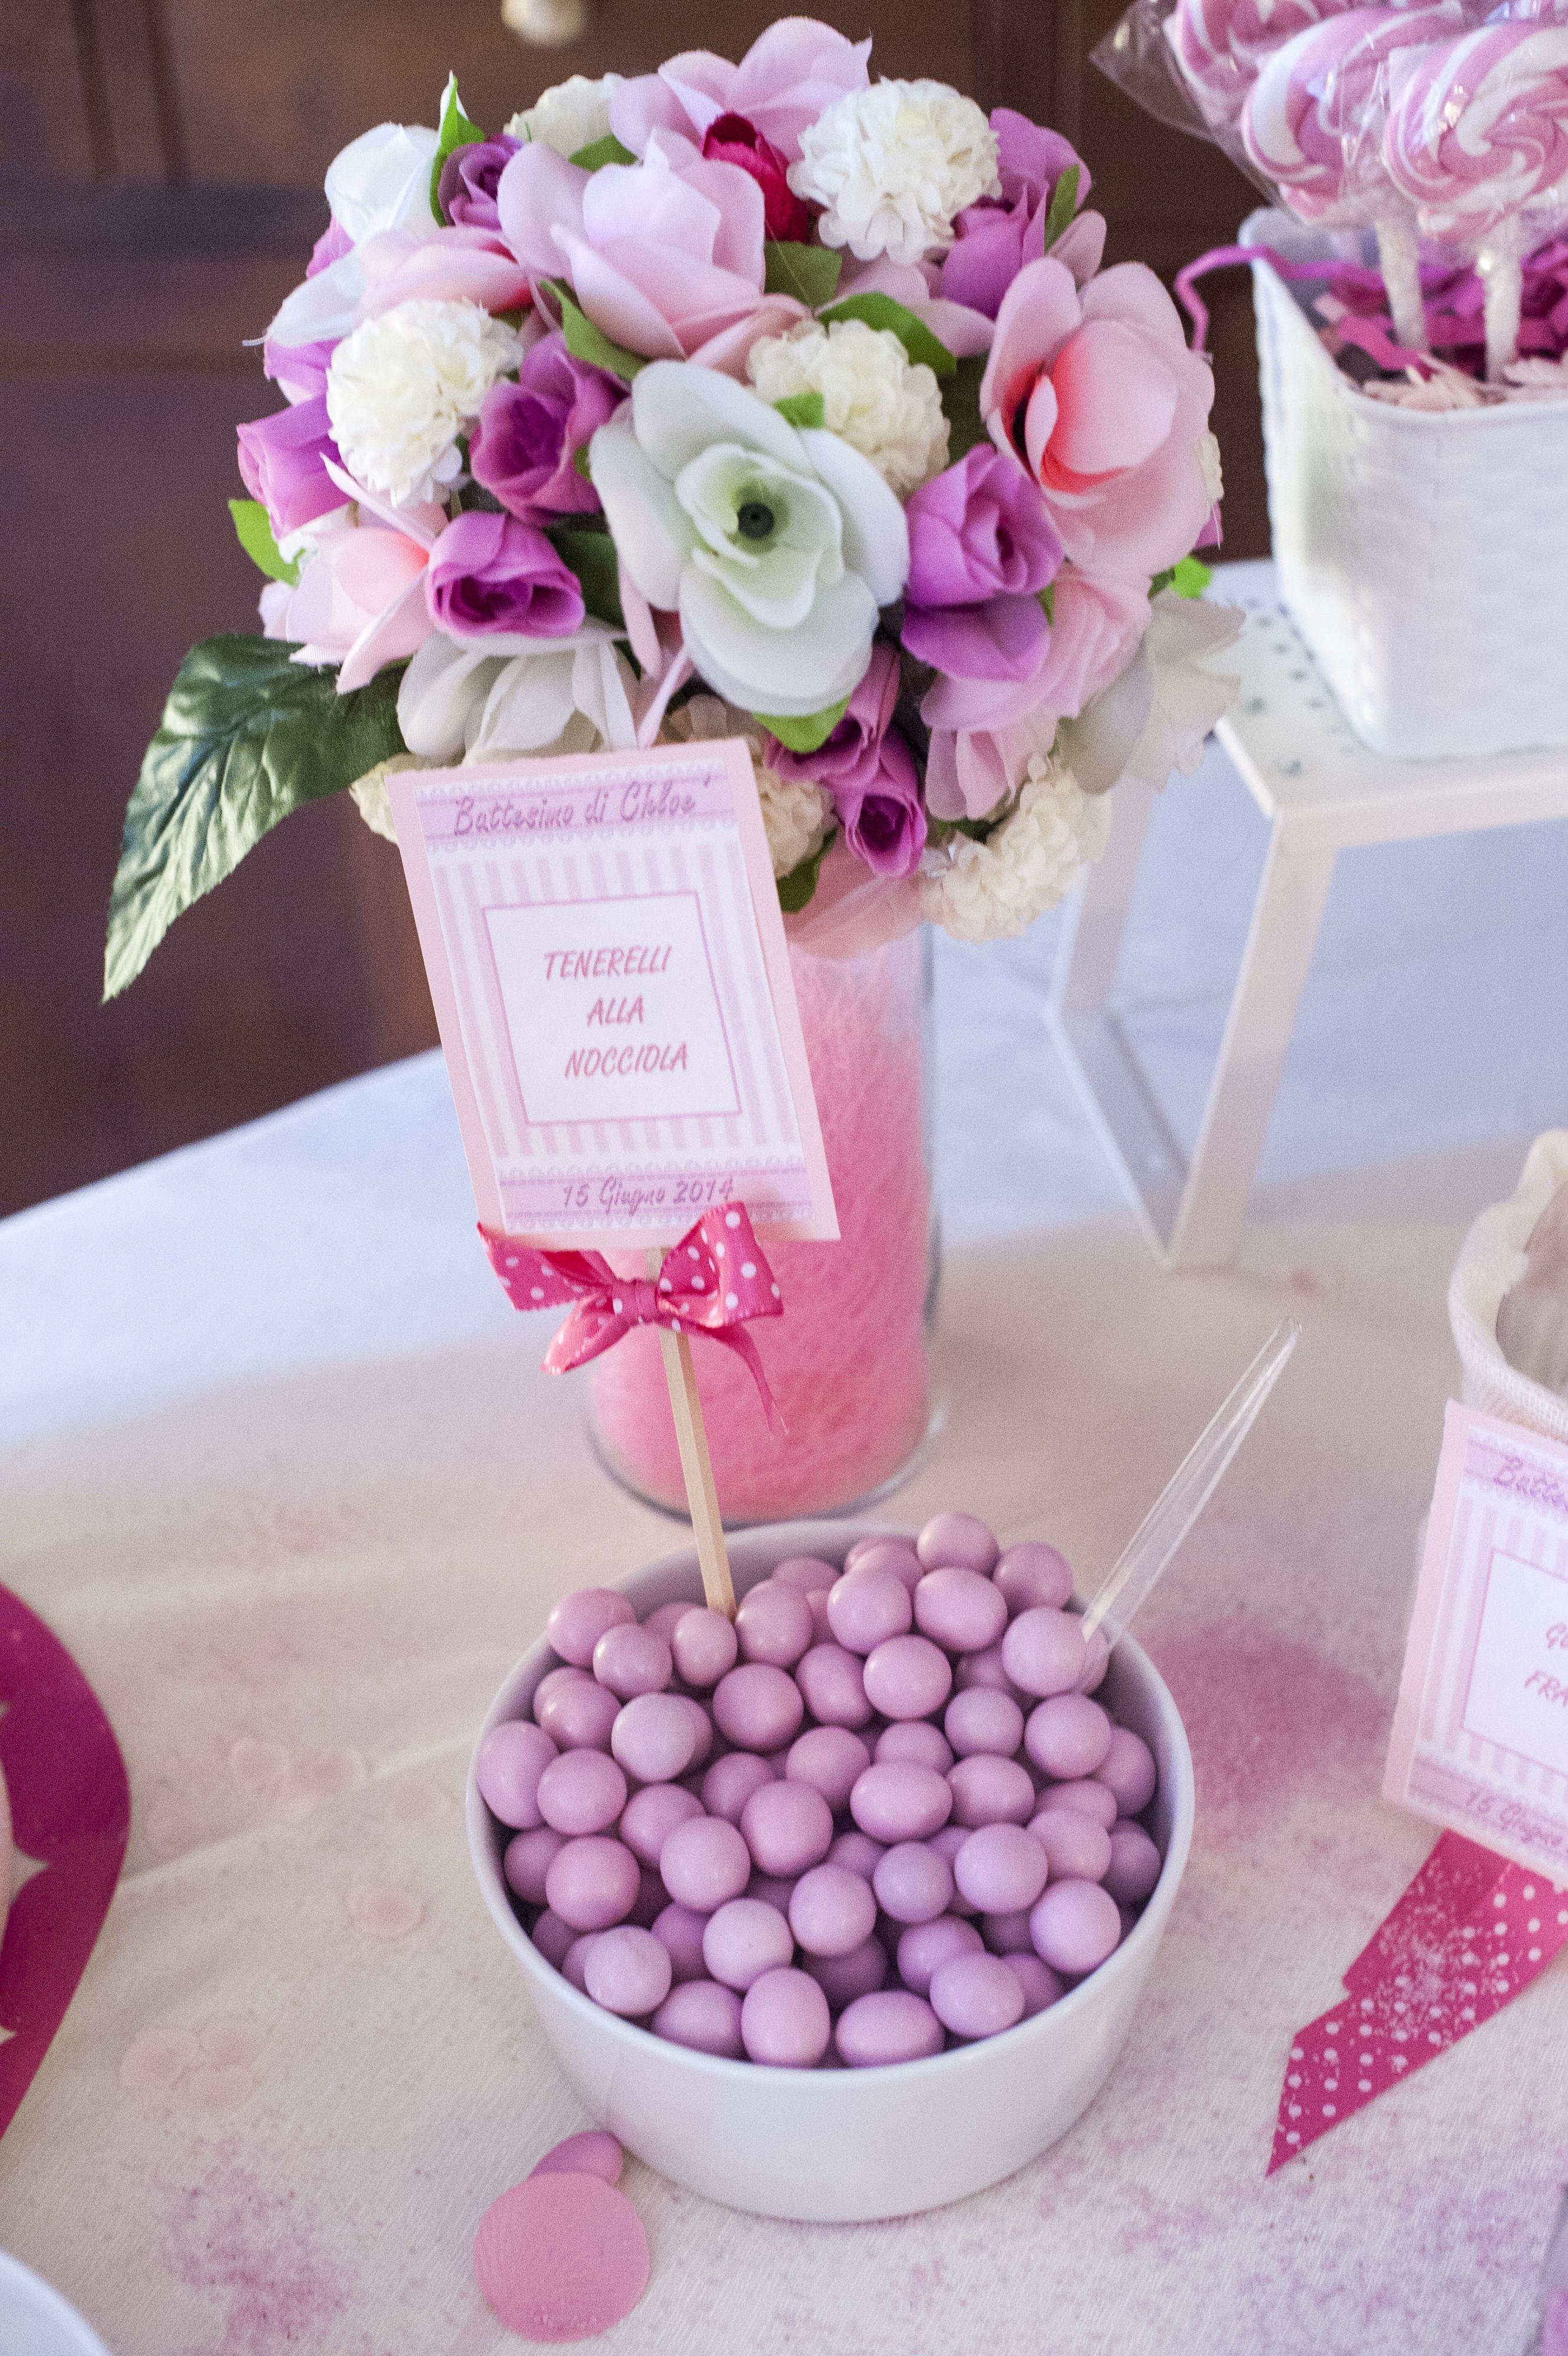 Dettagio confetti e fiori confettate e caramellate - Decorazioni per battesimo bimba ...